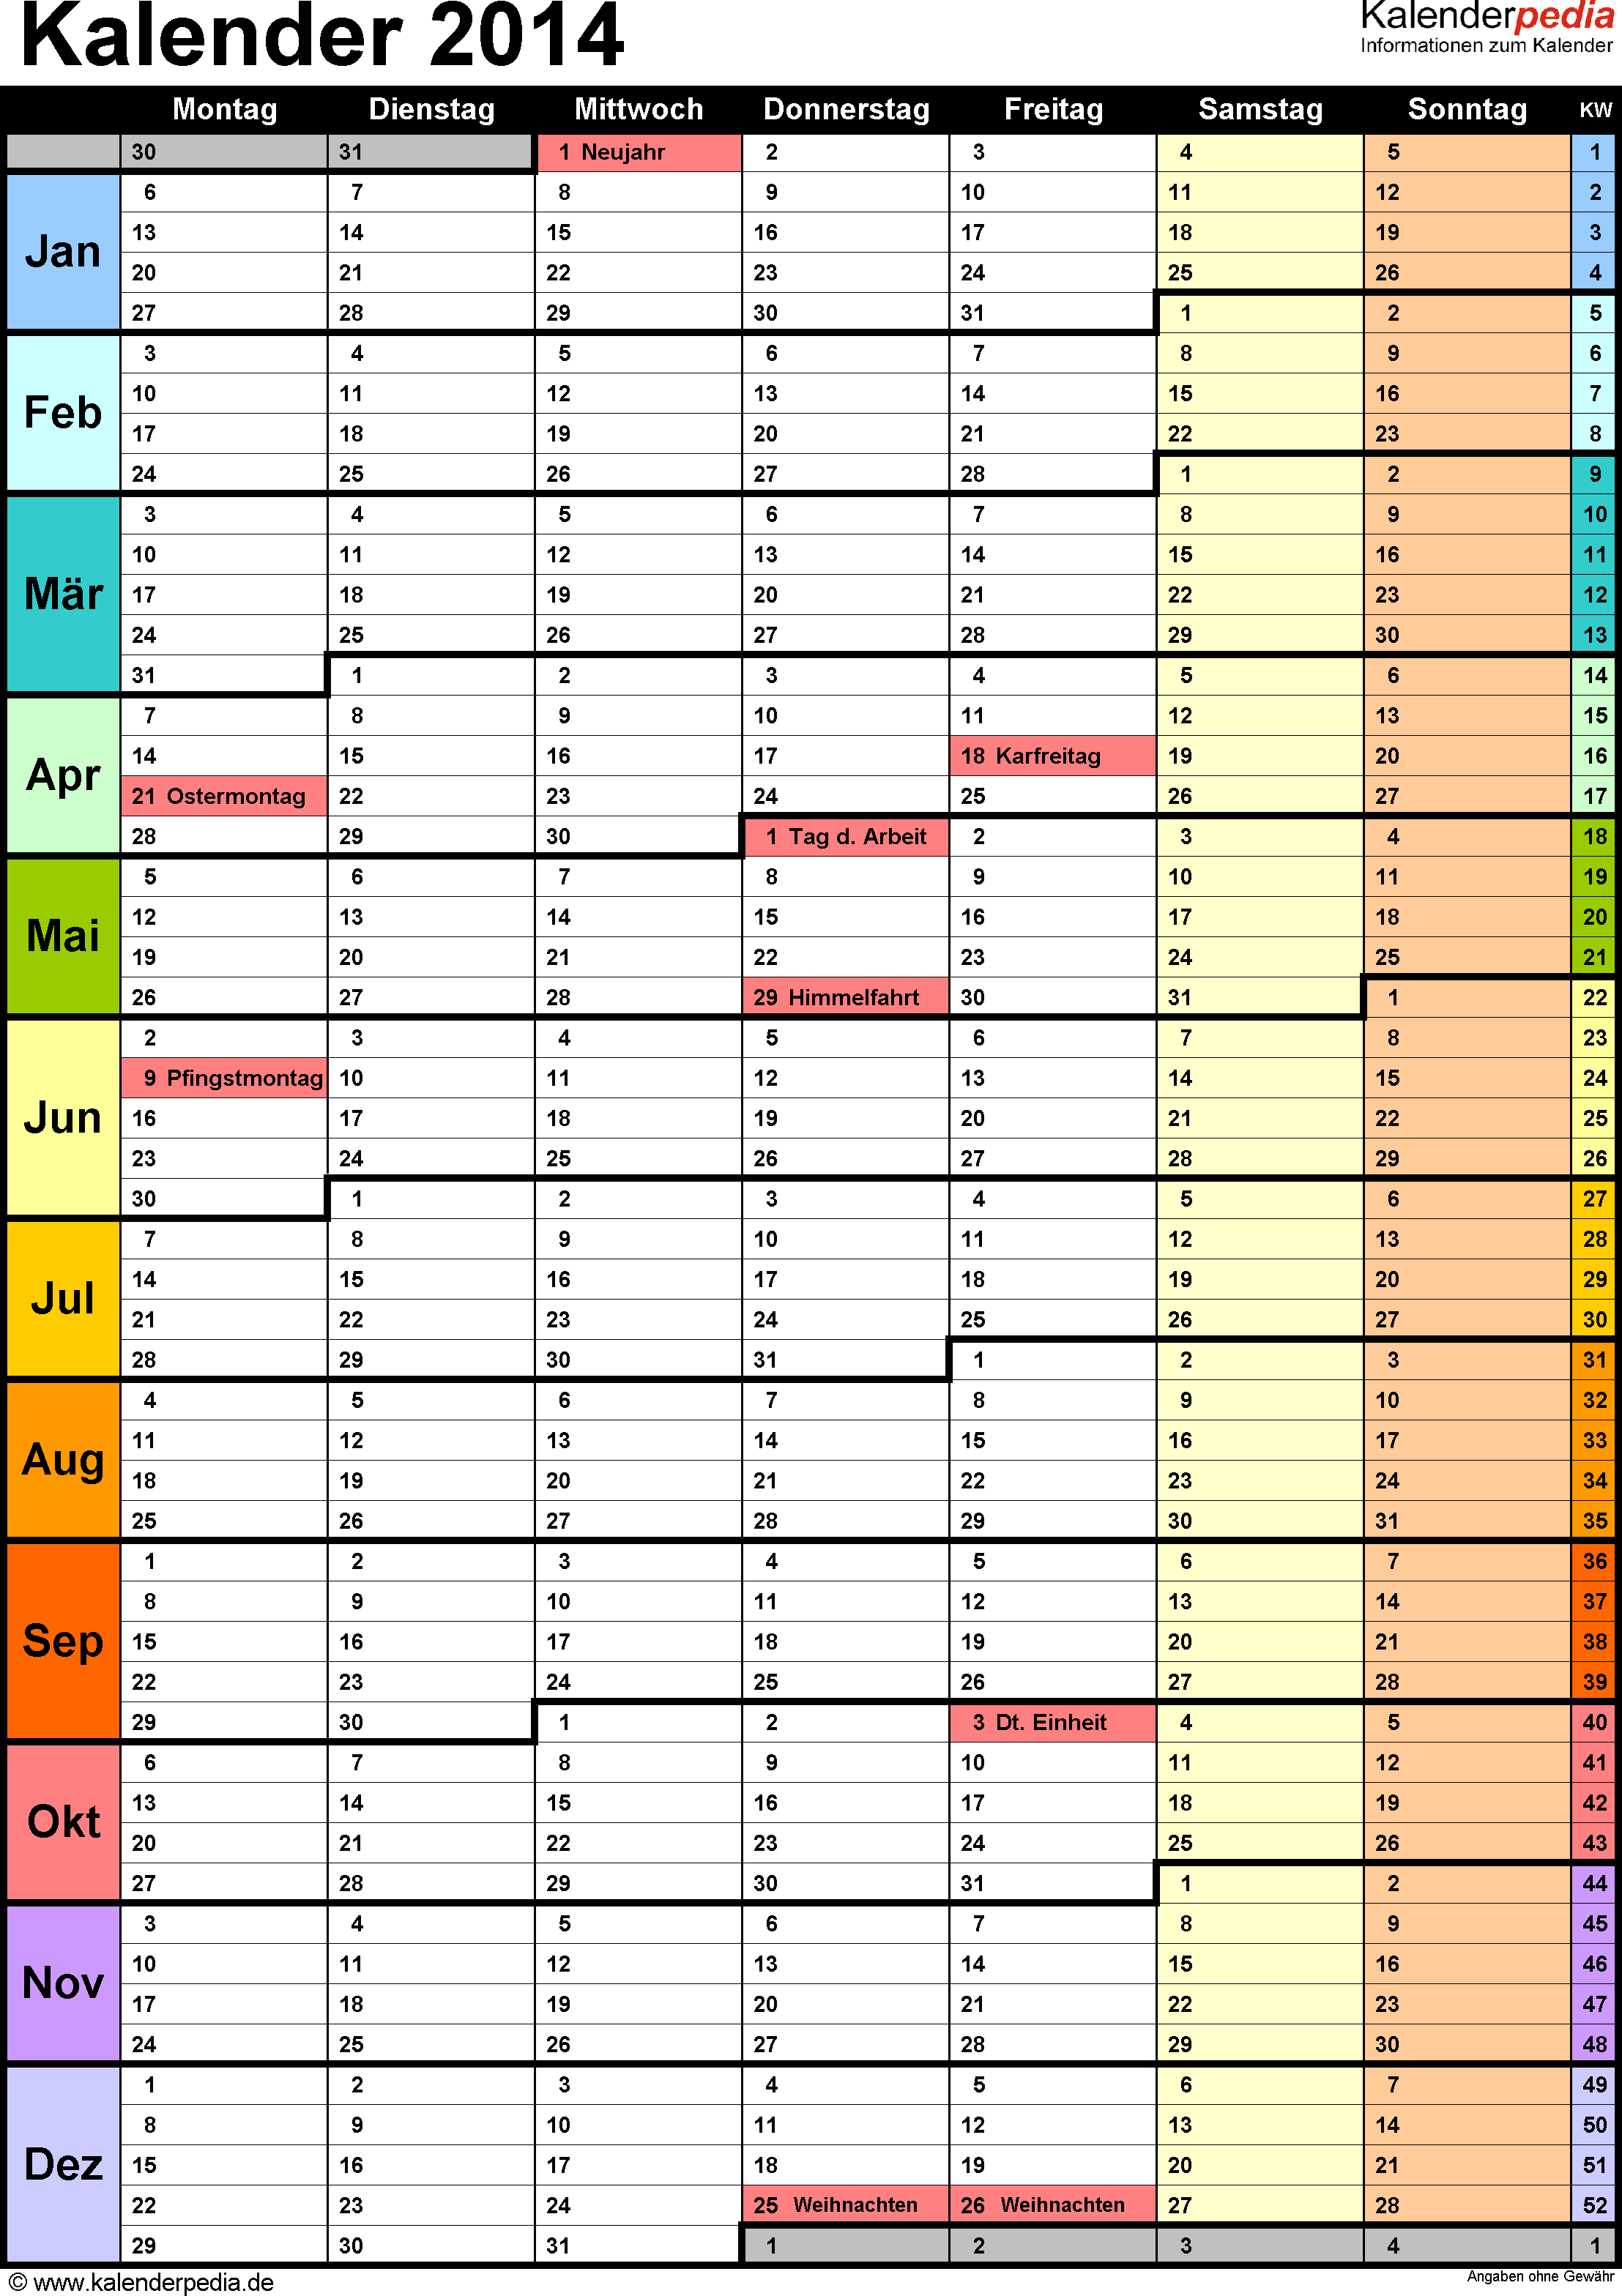 Vorlage 13: Kalender 2014 f�r Excel, Hochformat, 1 Seite, in Farbe, mit Wochengliederung